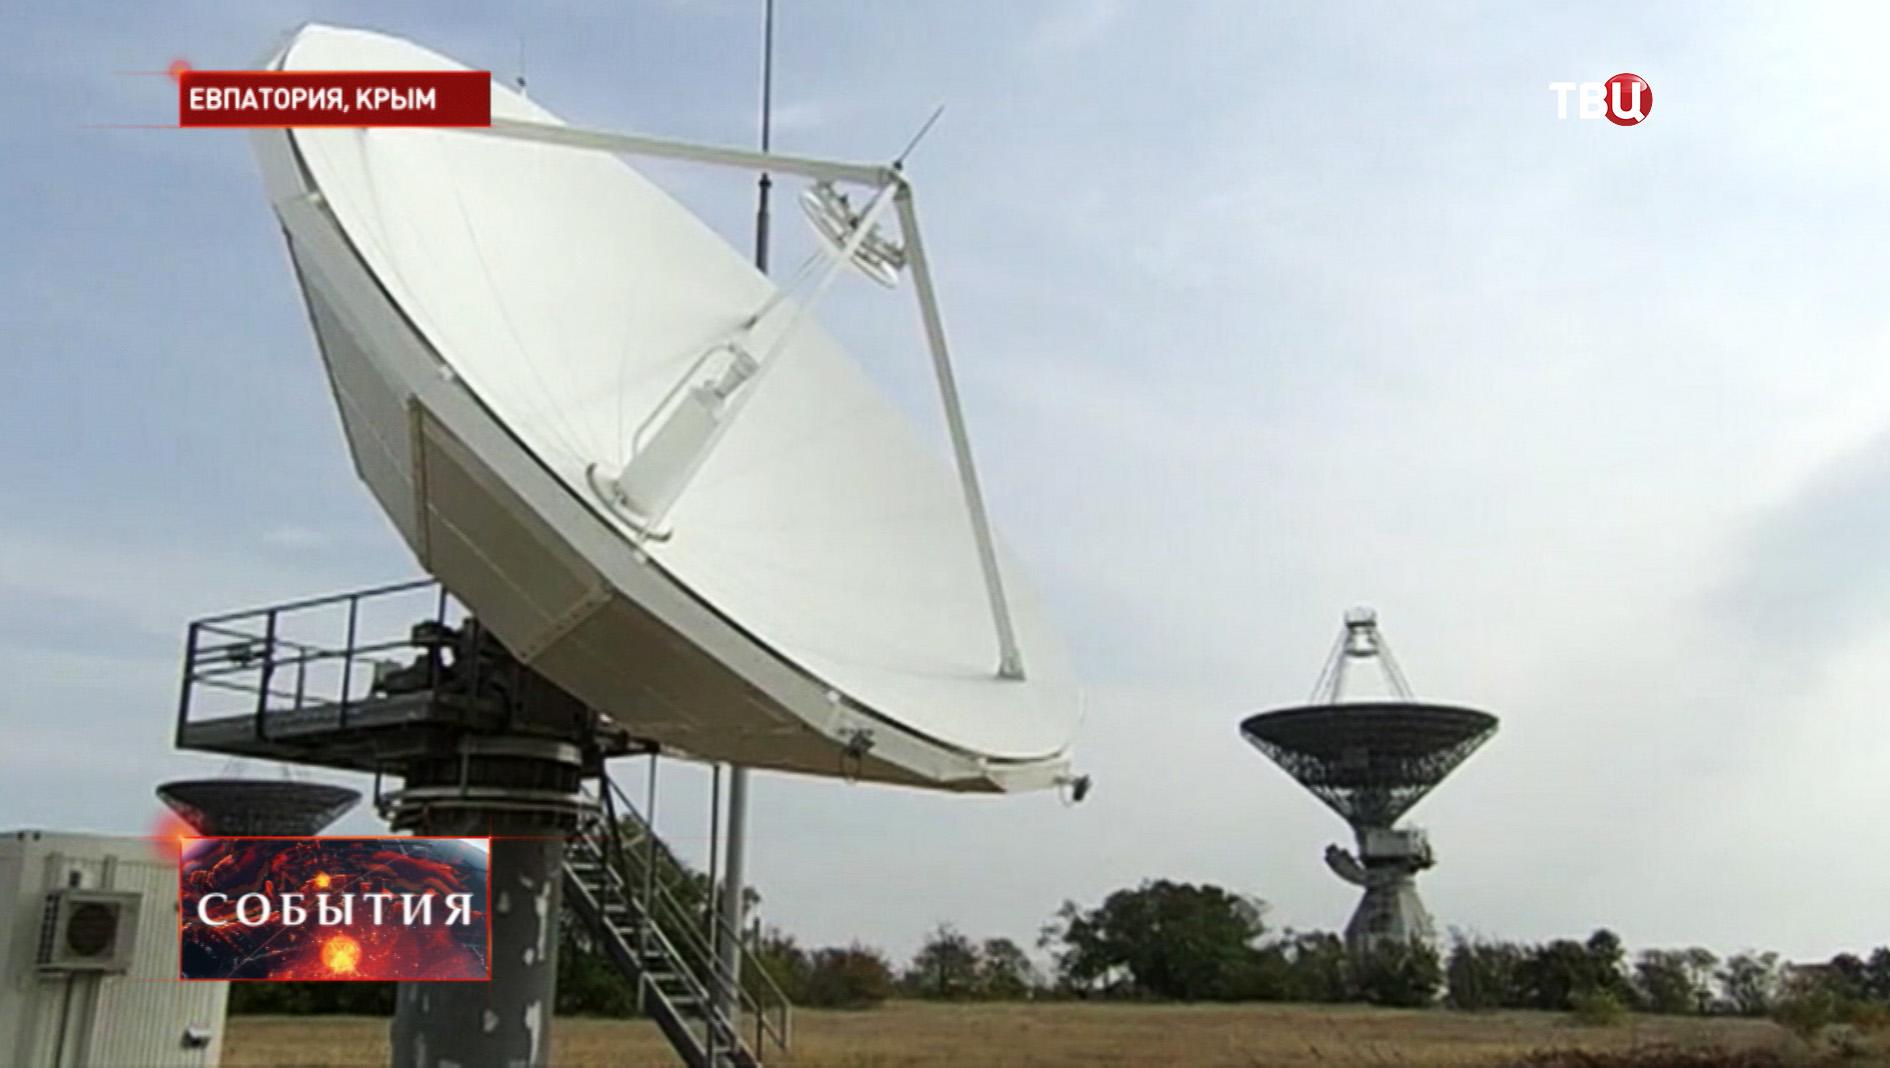 Антенны дальней космической связи